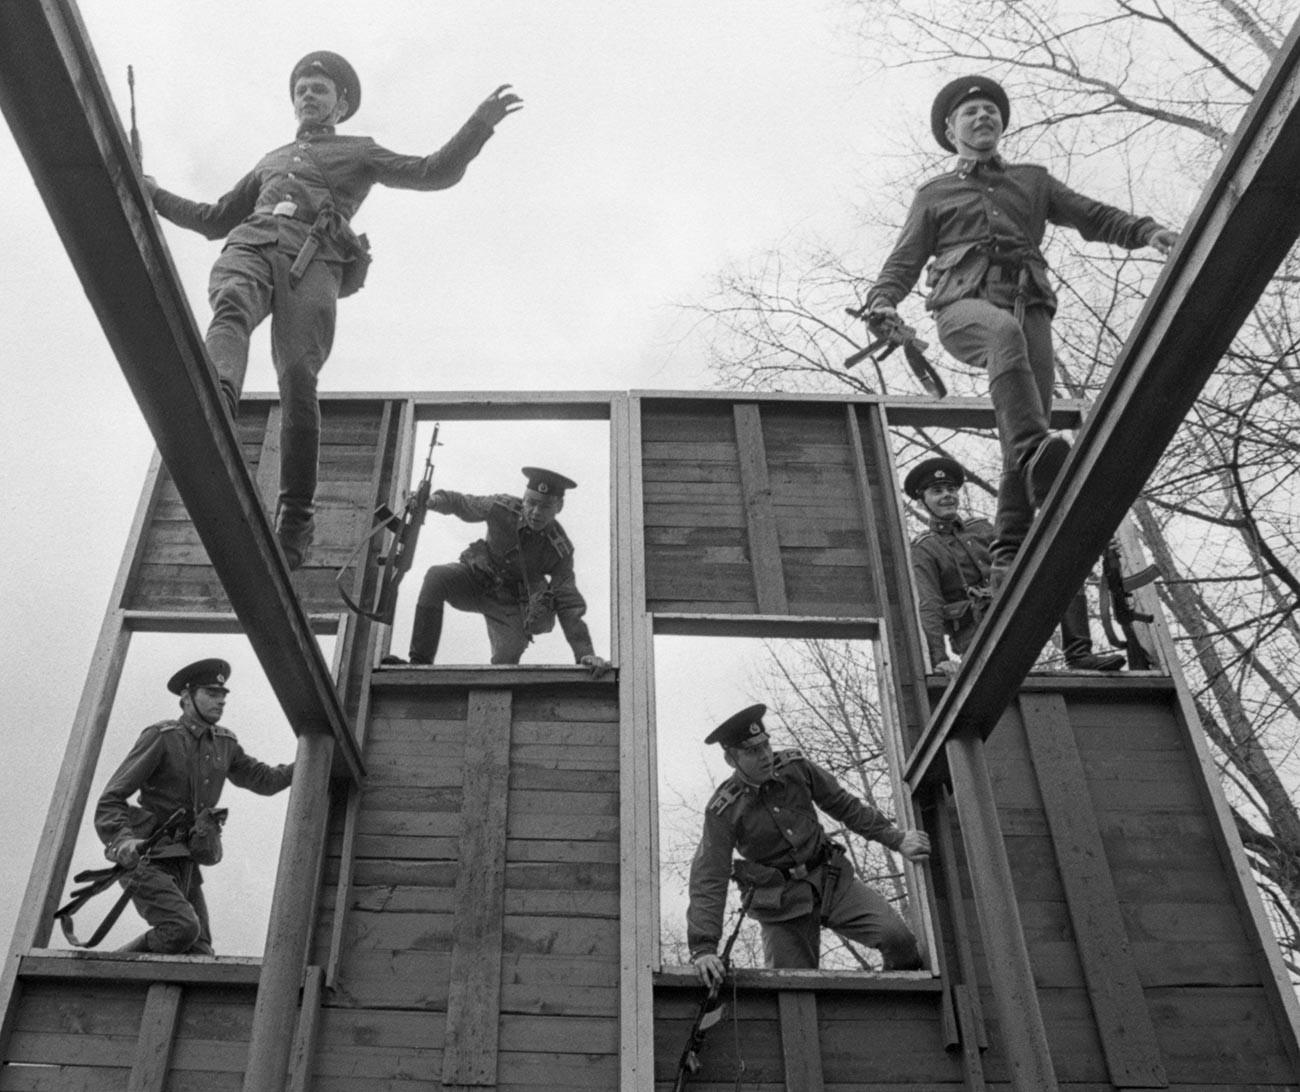 Obuka na poligonu s preprekama Krasnoznamenskog instututa KGB-a, SSSR.